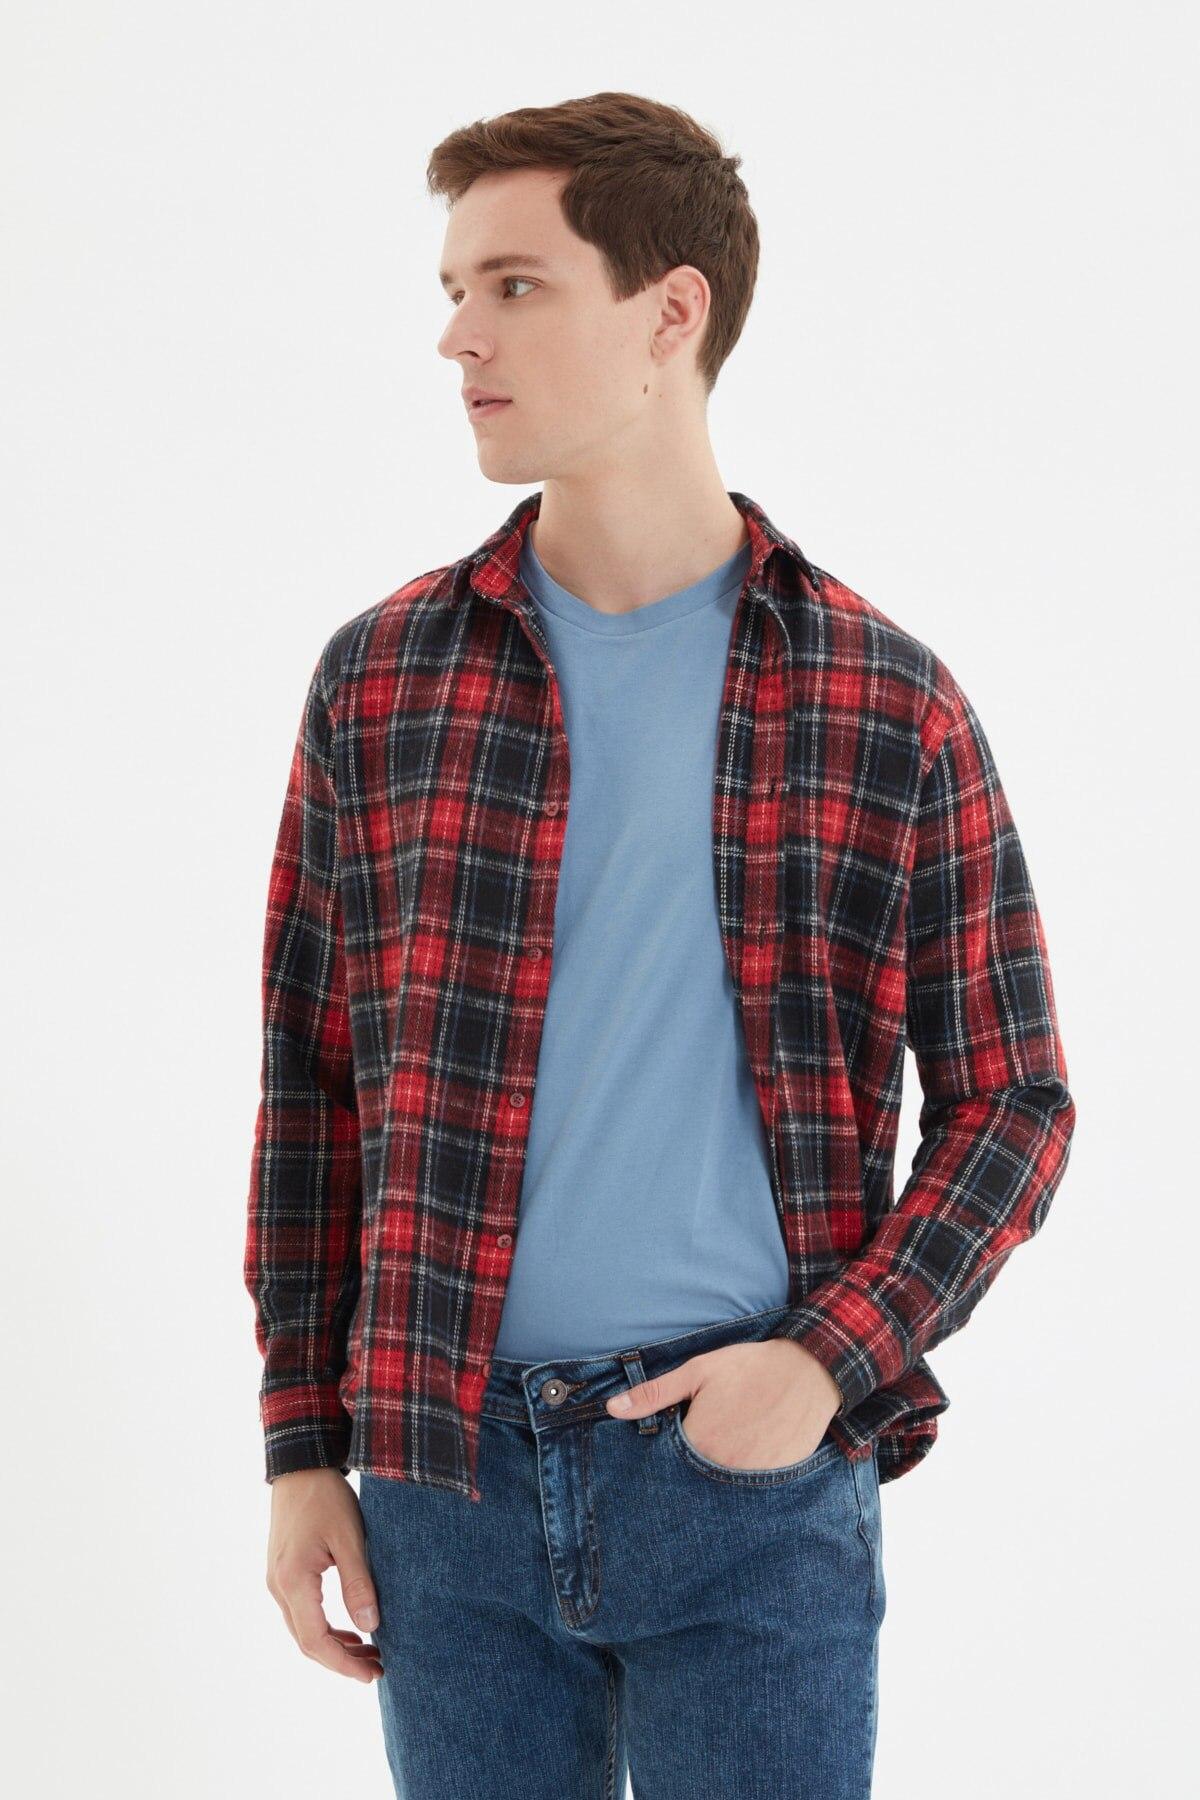 قميص تي شيرت ضيق للرجال من ترينديول بأكمام طويلة مع ياقة على شكل مربعات طراز TMNAW22GO0428